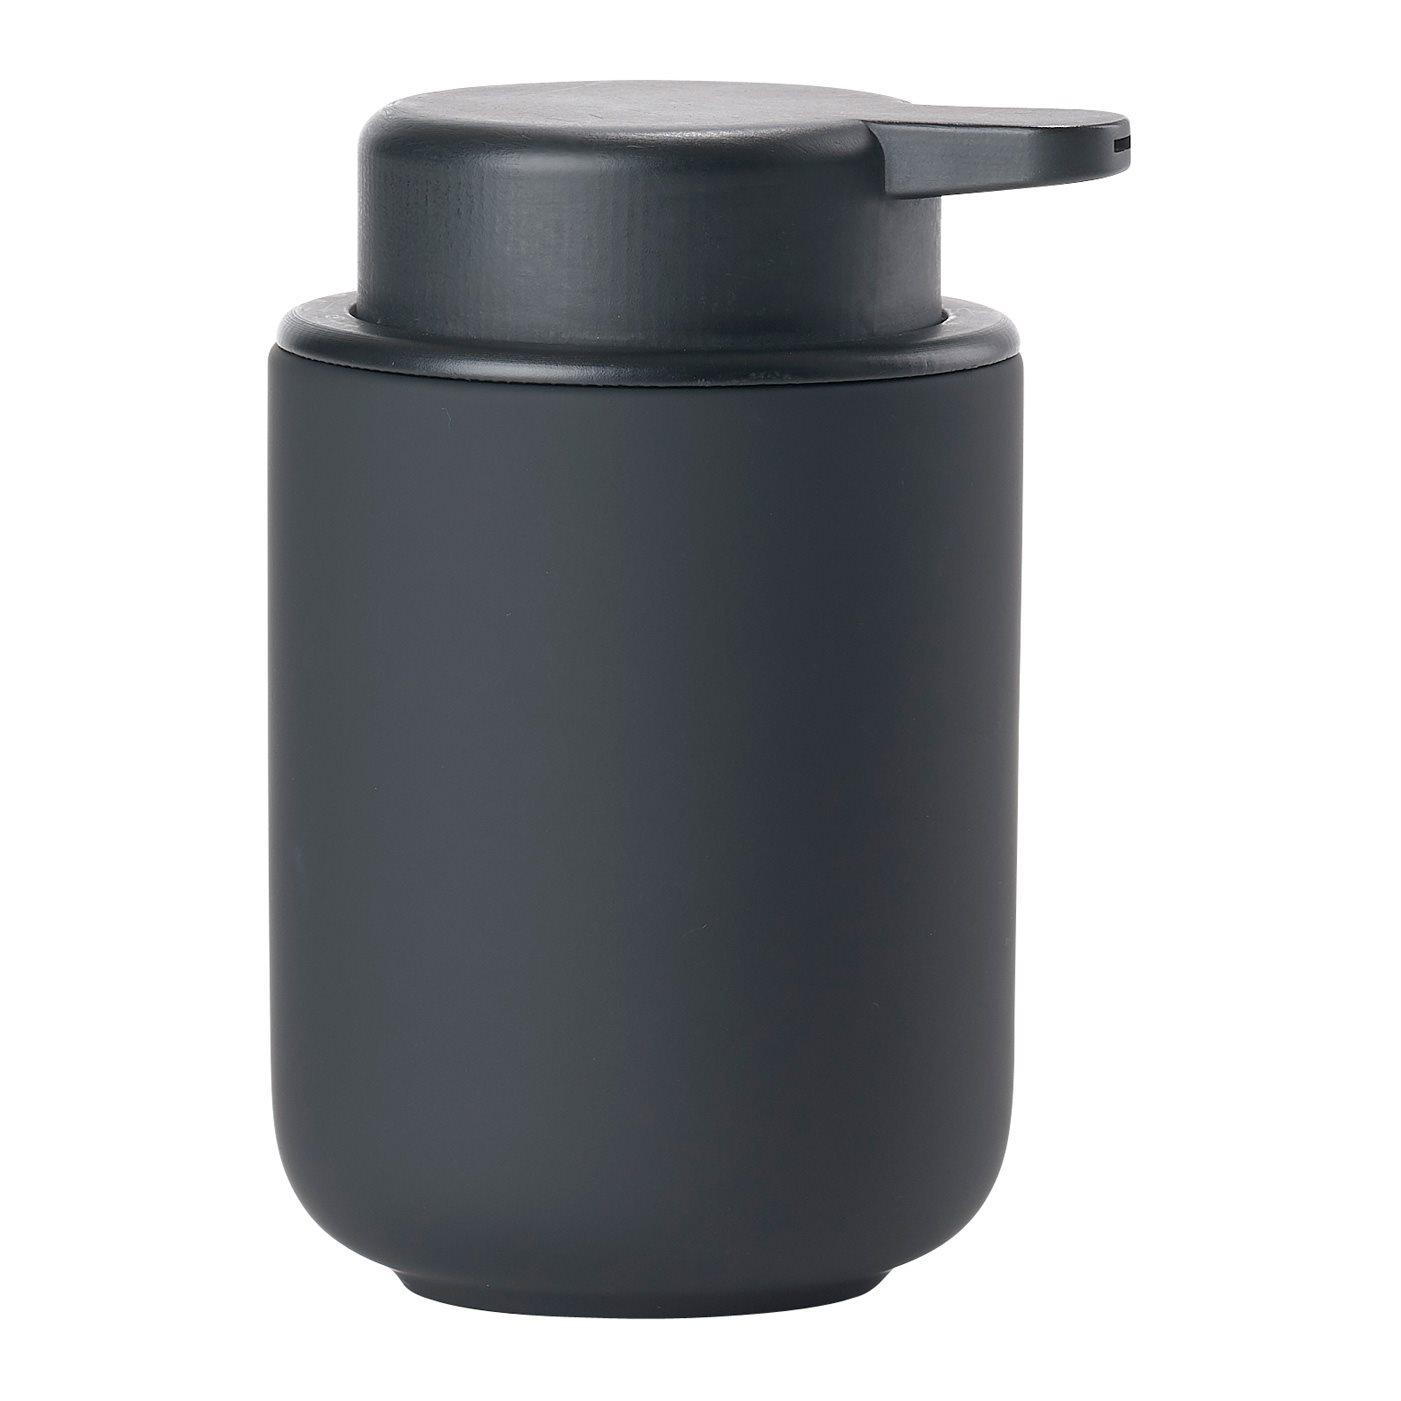 Soap dispenser ume black